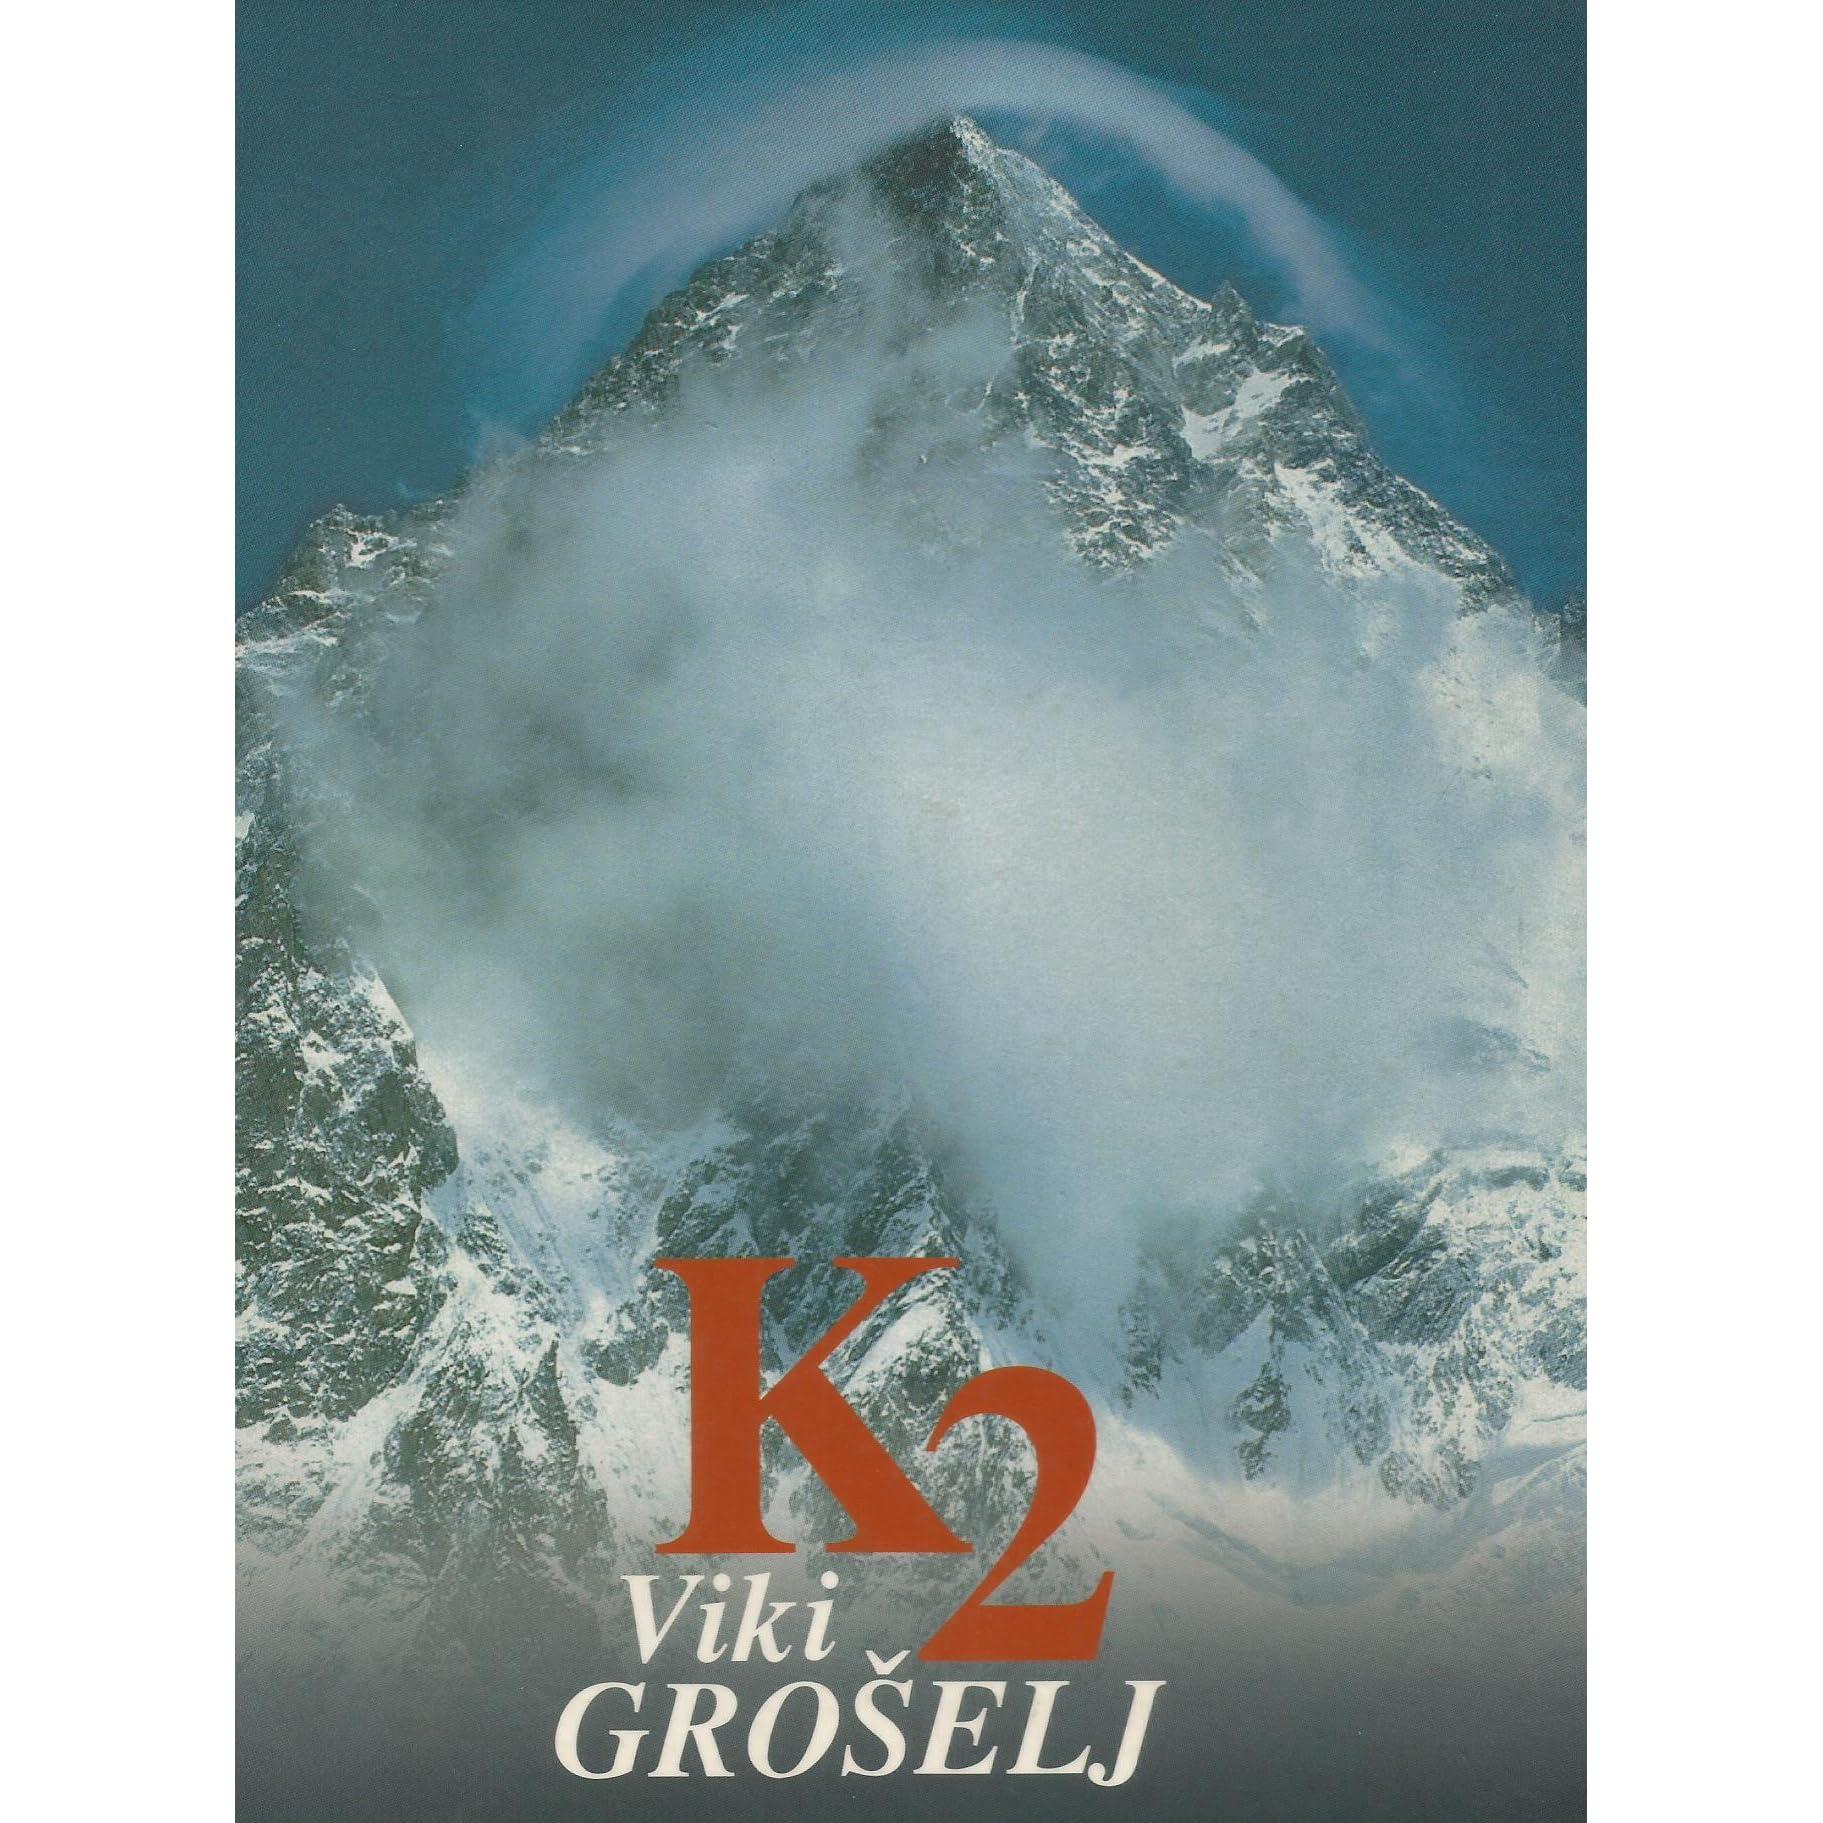 K2: Grenko zmagoslavje by Viki Grošelj